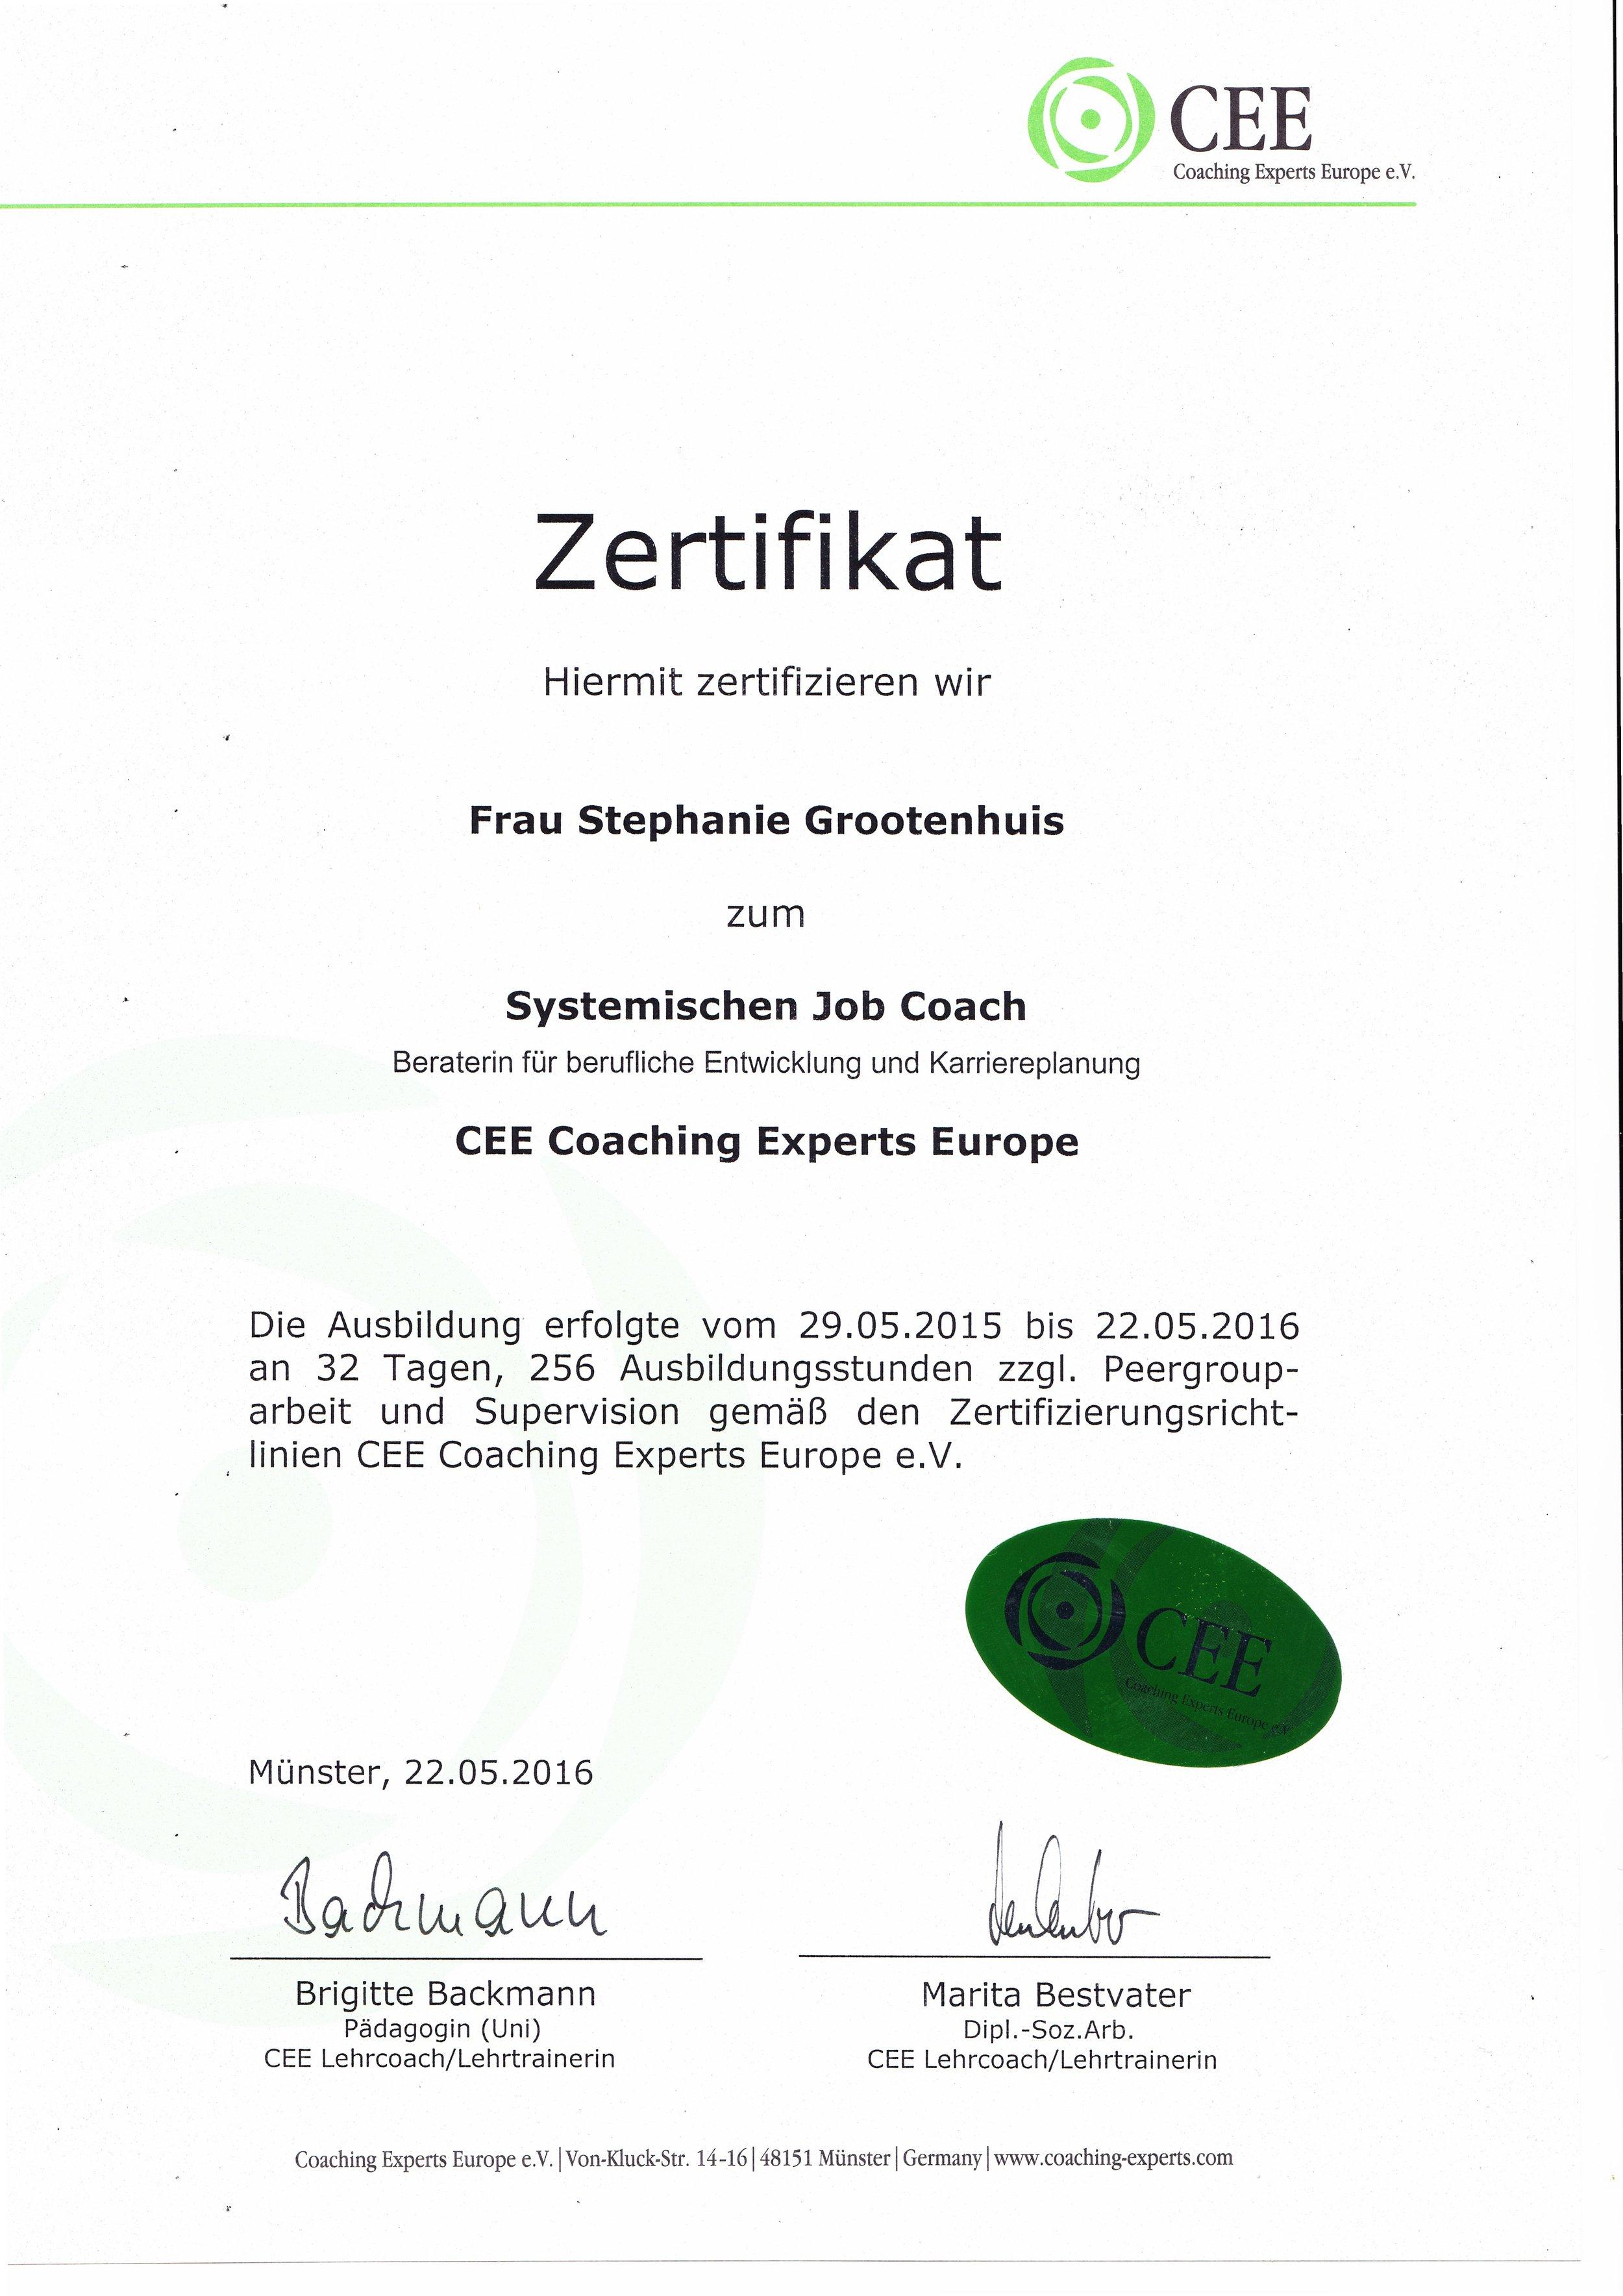 Solide Ausbildung, in Umfang und Praxisbezug deutlich über den Minimal-Anforderungen, die die meisten Coaching Verbände festlegen.